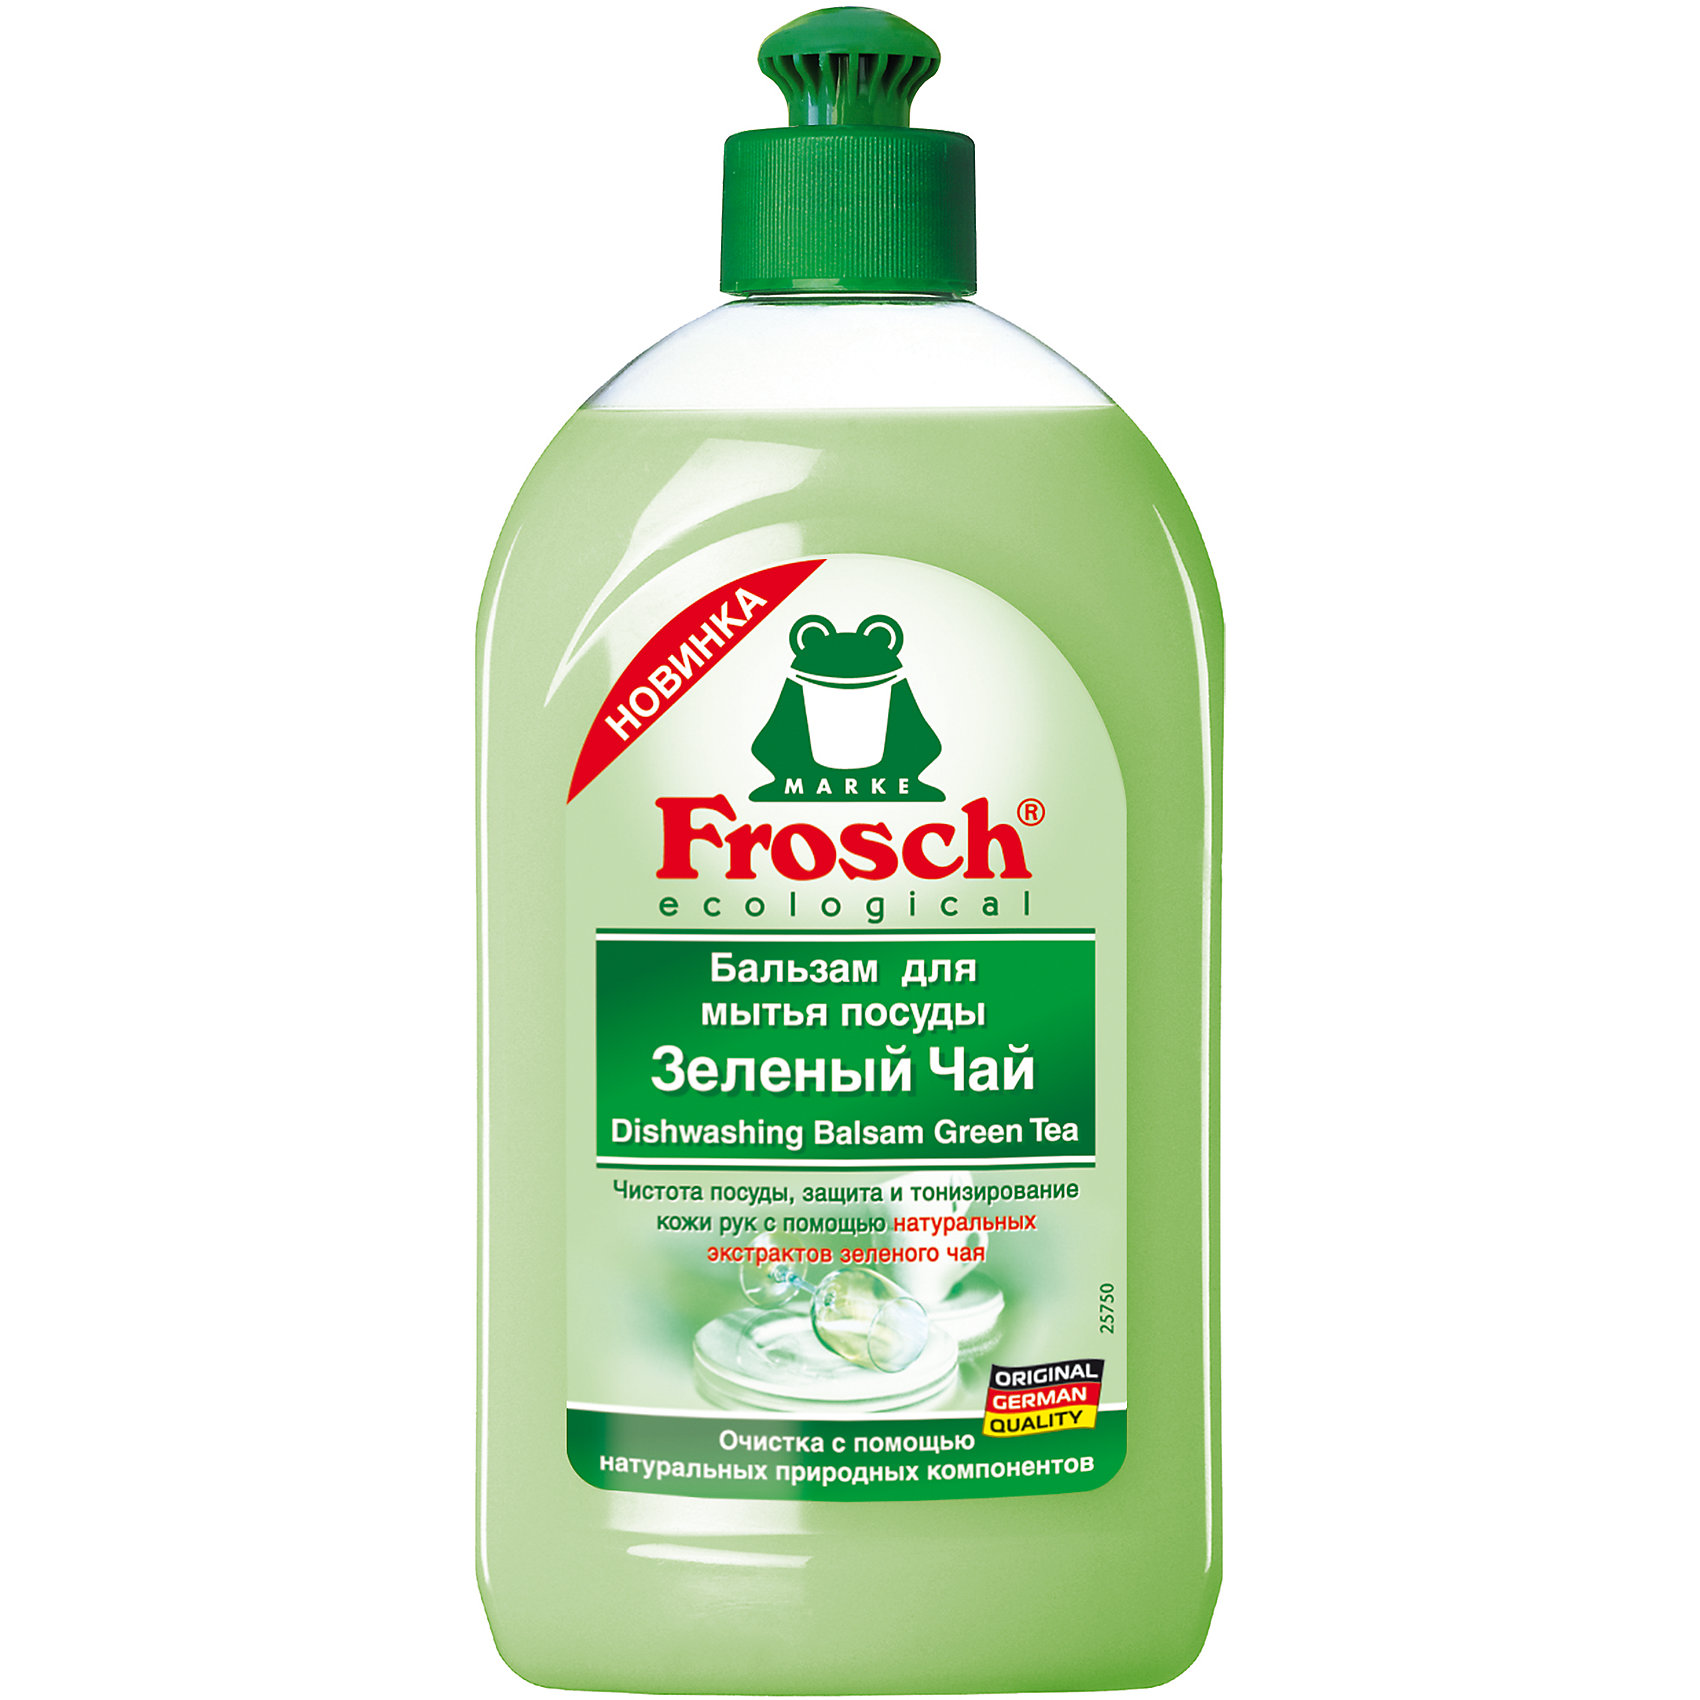 Бальзам для мытья посуды (зеленый чай), 0,5 л., FroschБытовая химия<br>Характеристики товара:<br><br>• объем: 500 мл<br>• упаковка: пластик<br>• страна бренда: Германия<br>• страна изготовитель: Германия<br><br>Бальзам для мытья посуды – щадящая версия обычного средства очищения, к которым предъявляются повышенные требования, так как вещества могут содержать опасные для здоровья компоненты. Но только не продукция компании Frosch. <br><br>Средство эффективно удаляет жир и загрязнения с посуды, придает аромат зеленого лимона. Химический состав безопасен при использовании, а так же полностью смывается водой. Материалы, использованные при изготовлении товара, сертифицированы и отвечают всем международным требованиям по качеству. <br><br>Бальзам для мытья посуды (зеленый чай), 0,5 л, от немецкого производителя Frosch (Фрош) можно приобрести в нашем интернет-магазине.<br><br>Ширина мм: 85<br>Глубина мм: 52<br>Высота мм: 200<br>Вес г: 562<br>Возраст от месяцев: 216<br>Возраст до месяцев: 1188<br>Пол: Унисекс<br>Возраст: Детский<br>SKU: 5185731